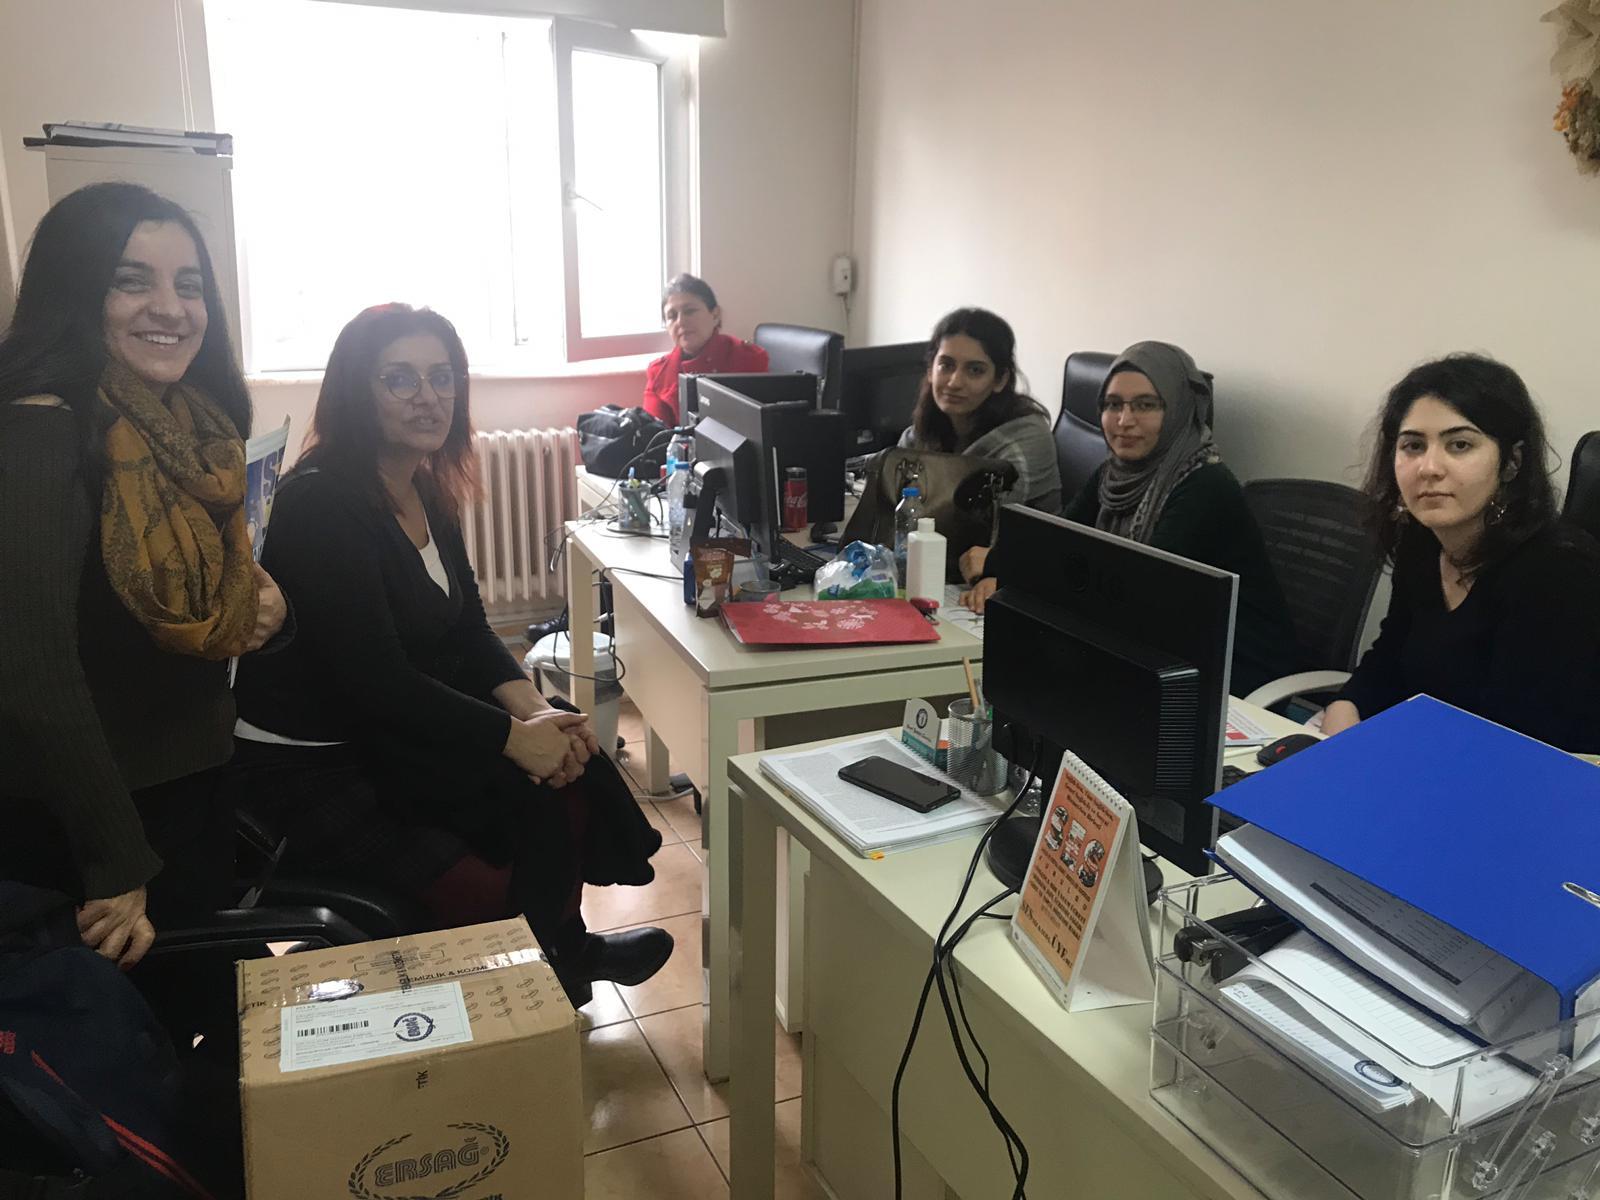 22 Aralık İstanbul KESK Bölge Mitingi Öncesinde Bahçelievler İlçe Sağlık Müdürlüğü'nde Sağlık Emekçileriyle Buluştuk